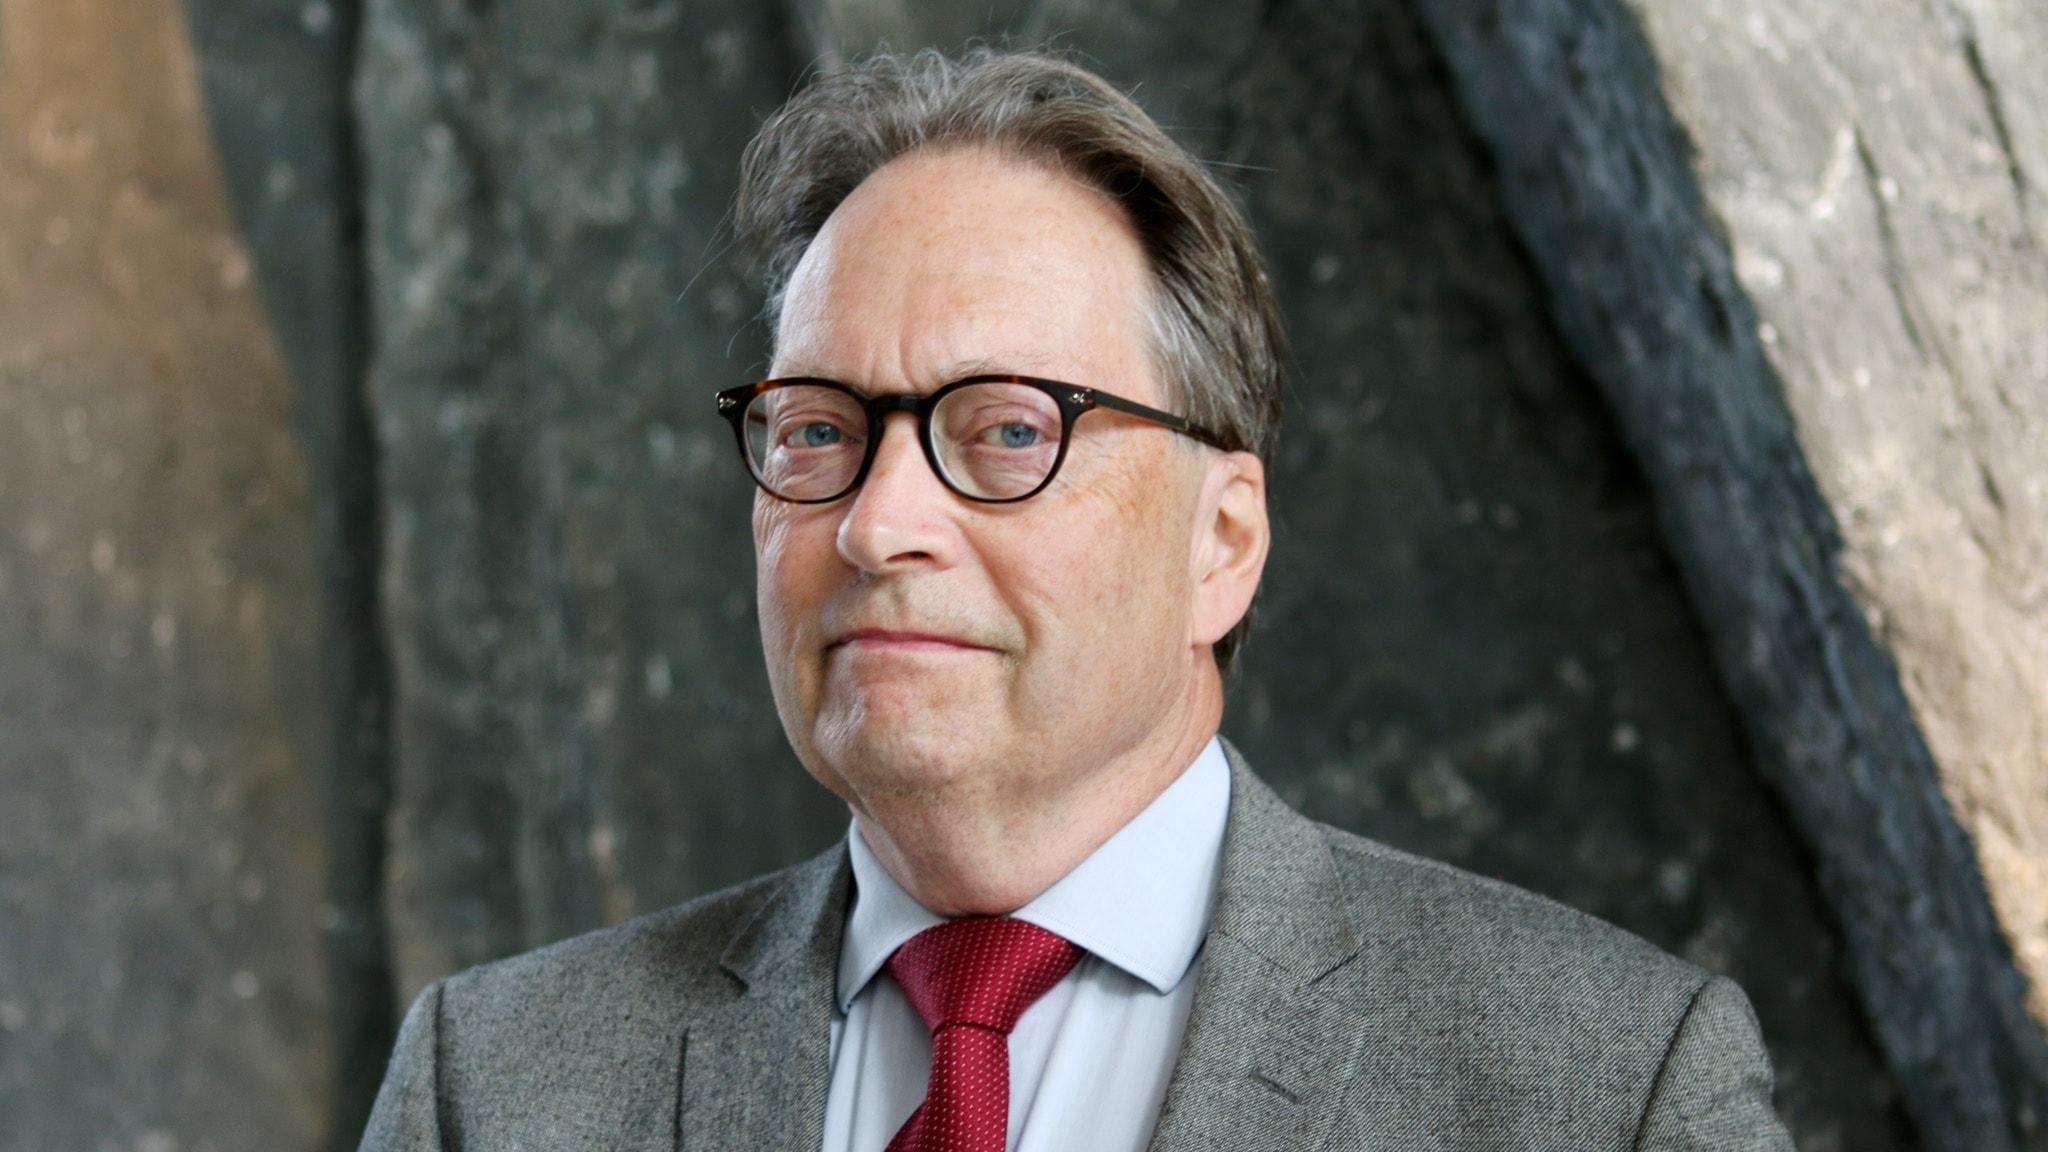 Exklusiv intervju: Horace Engdahl om krisen i akademien